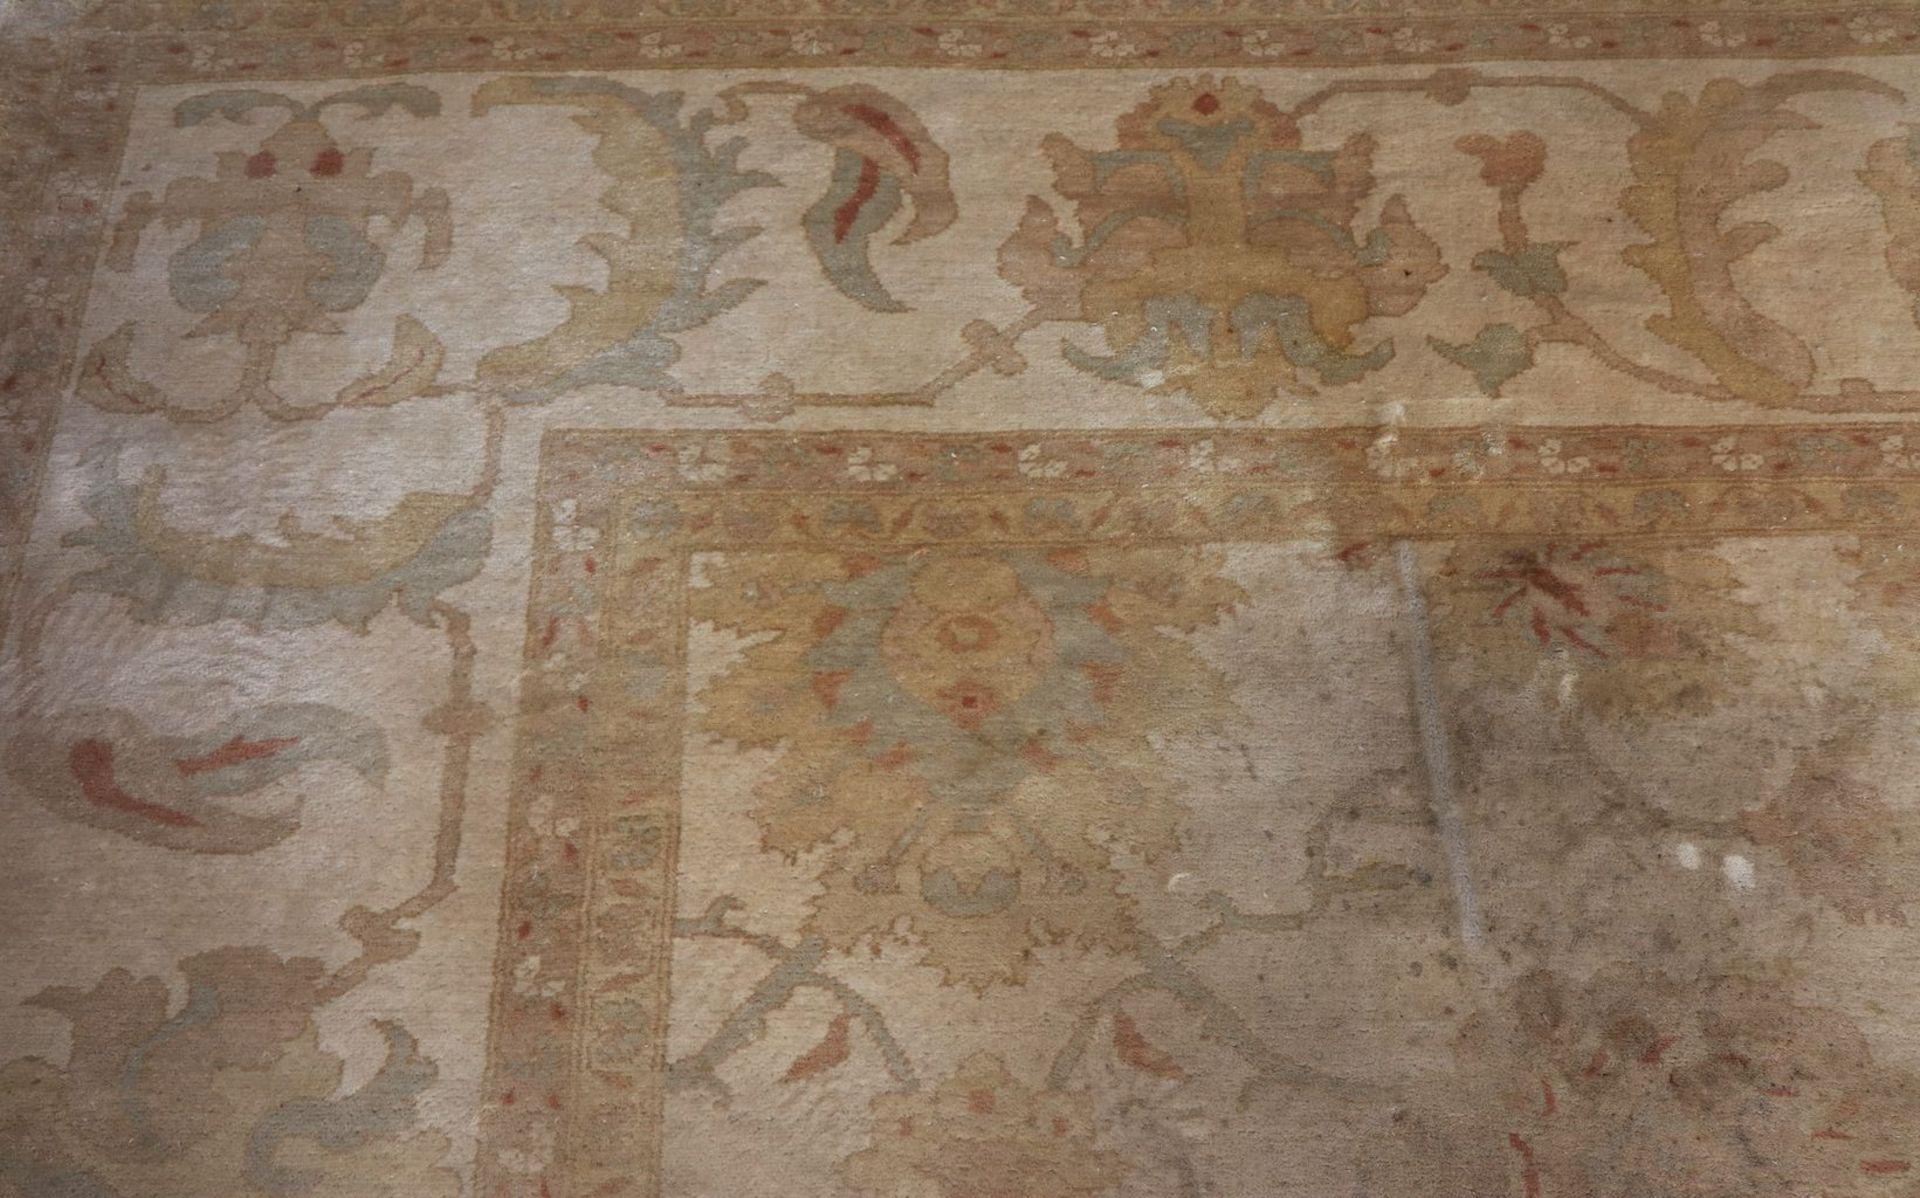 Großer Ziegler Teppich - Image 2 of 3